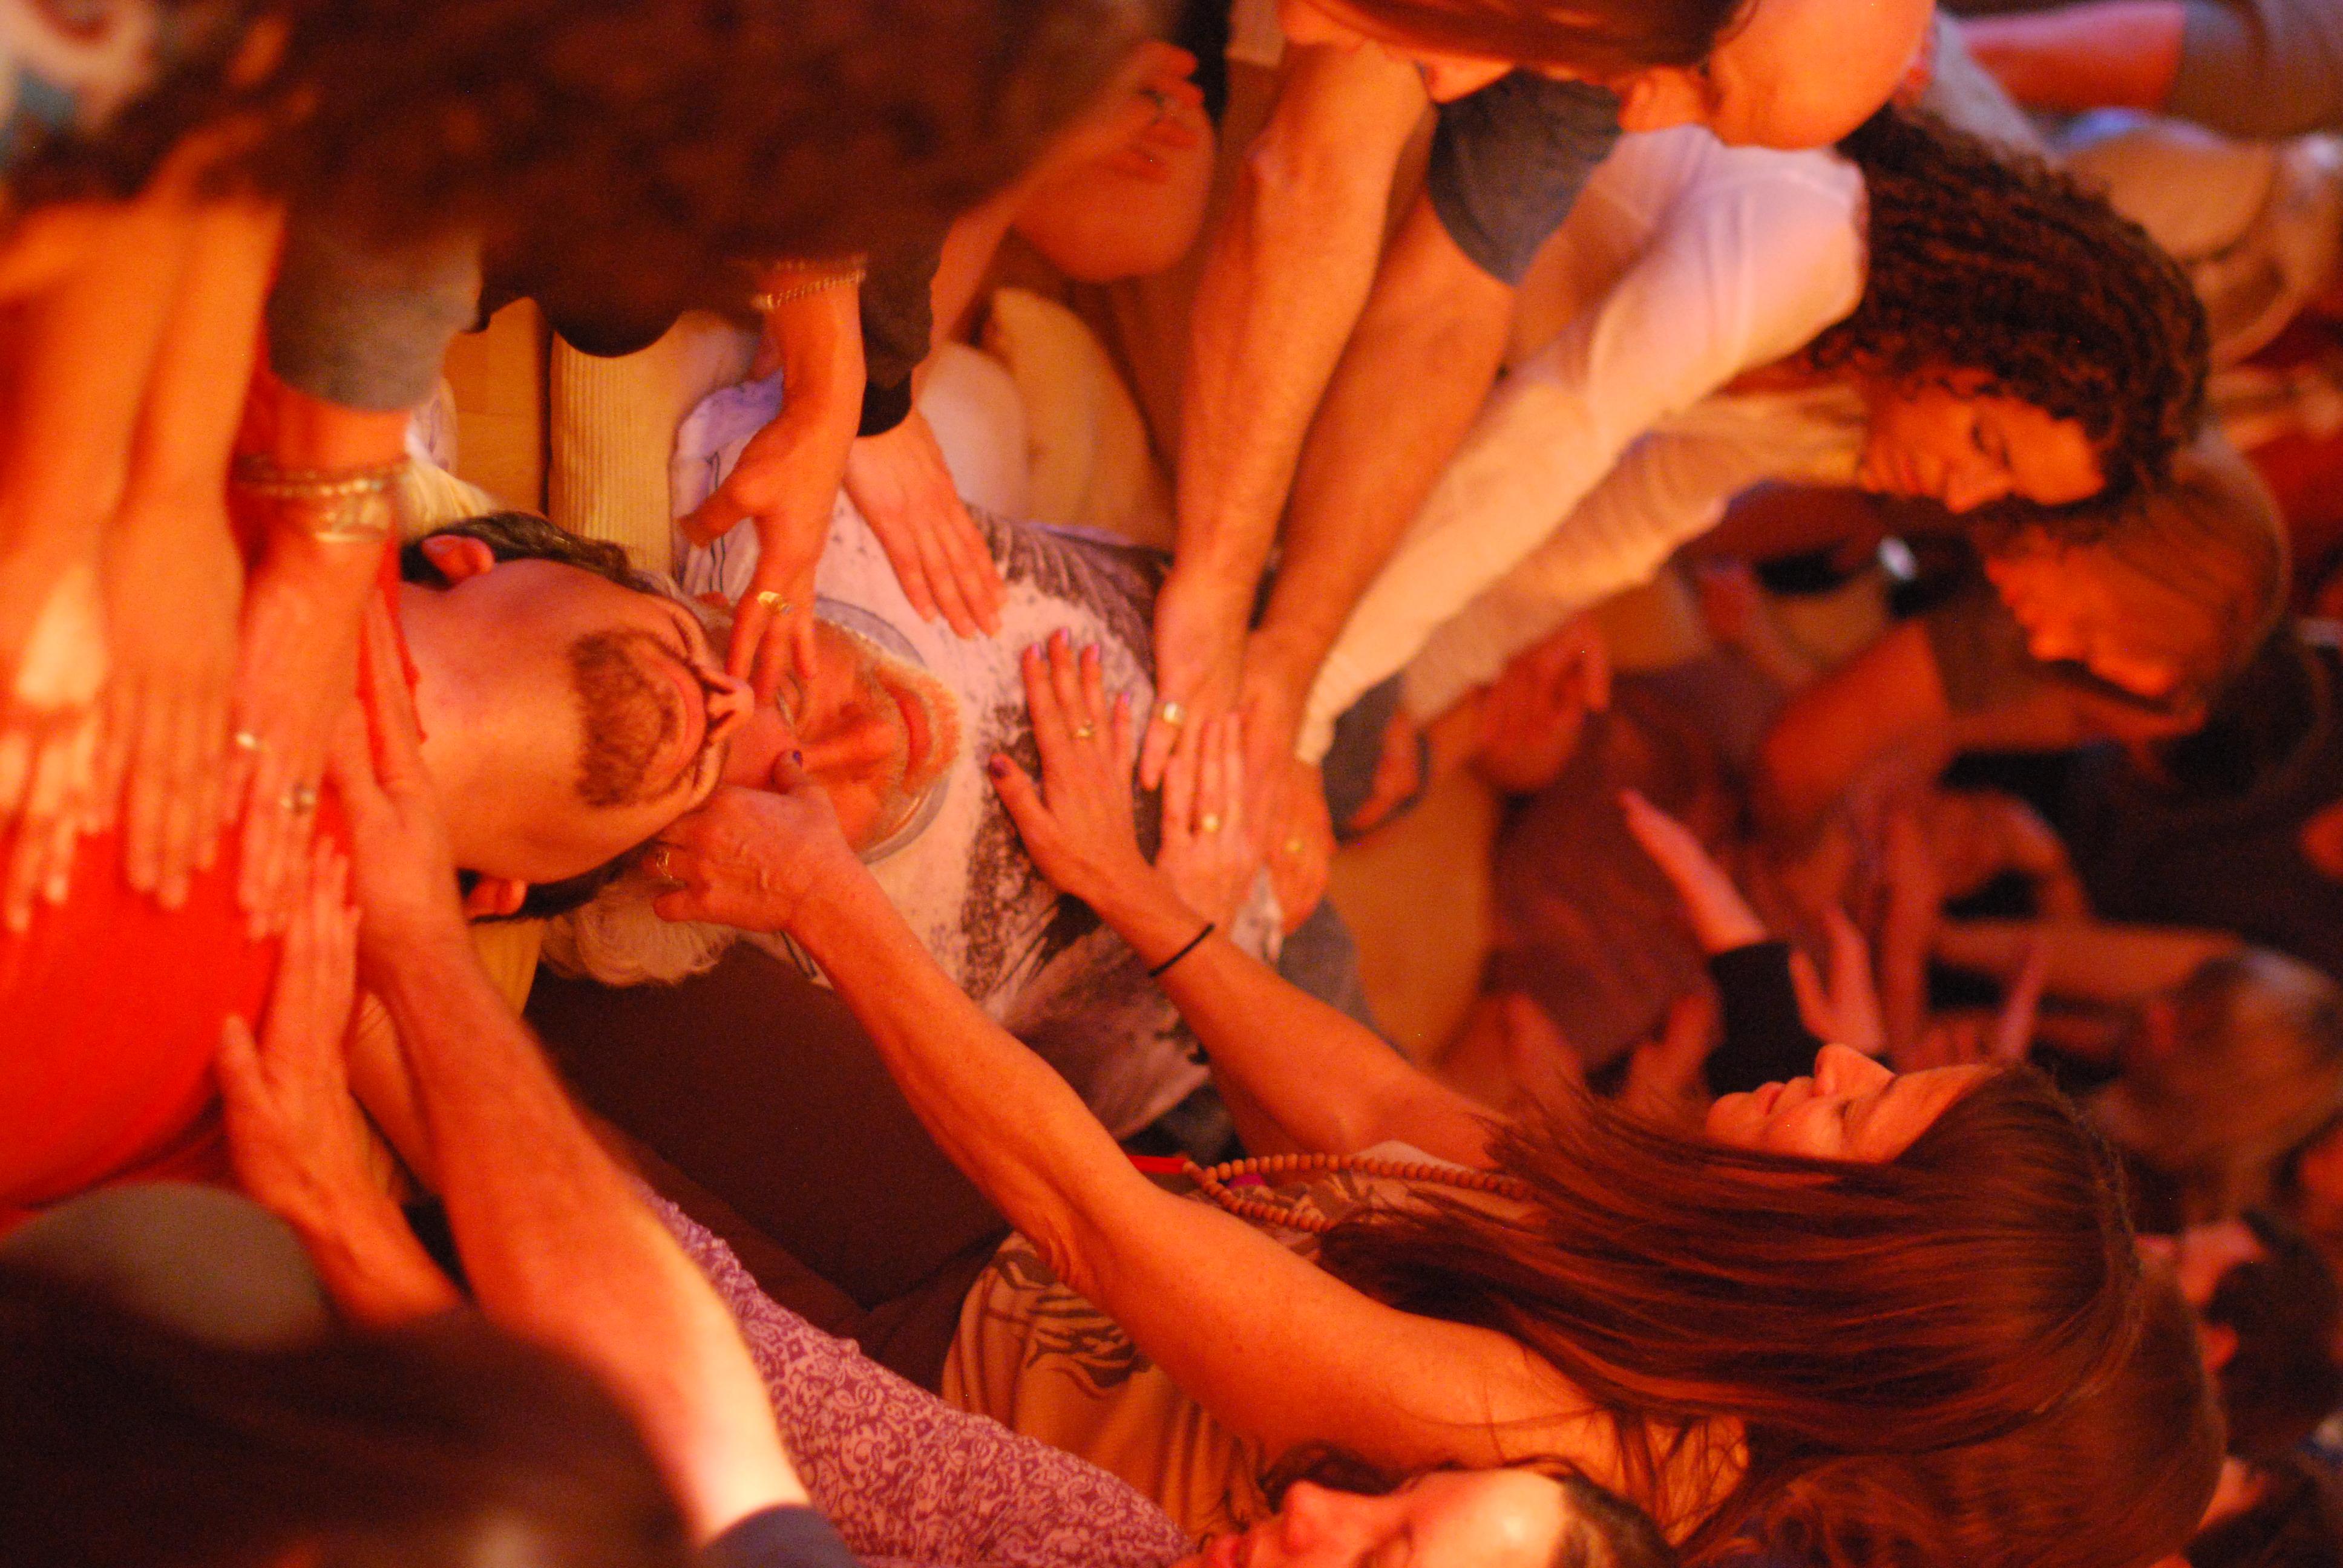 stundenhotel passau tantra massagen düsseldorf